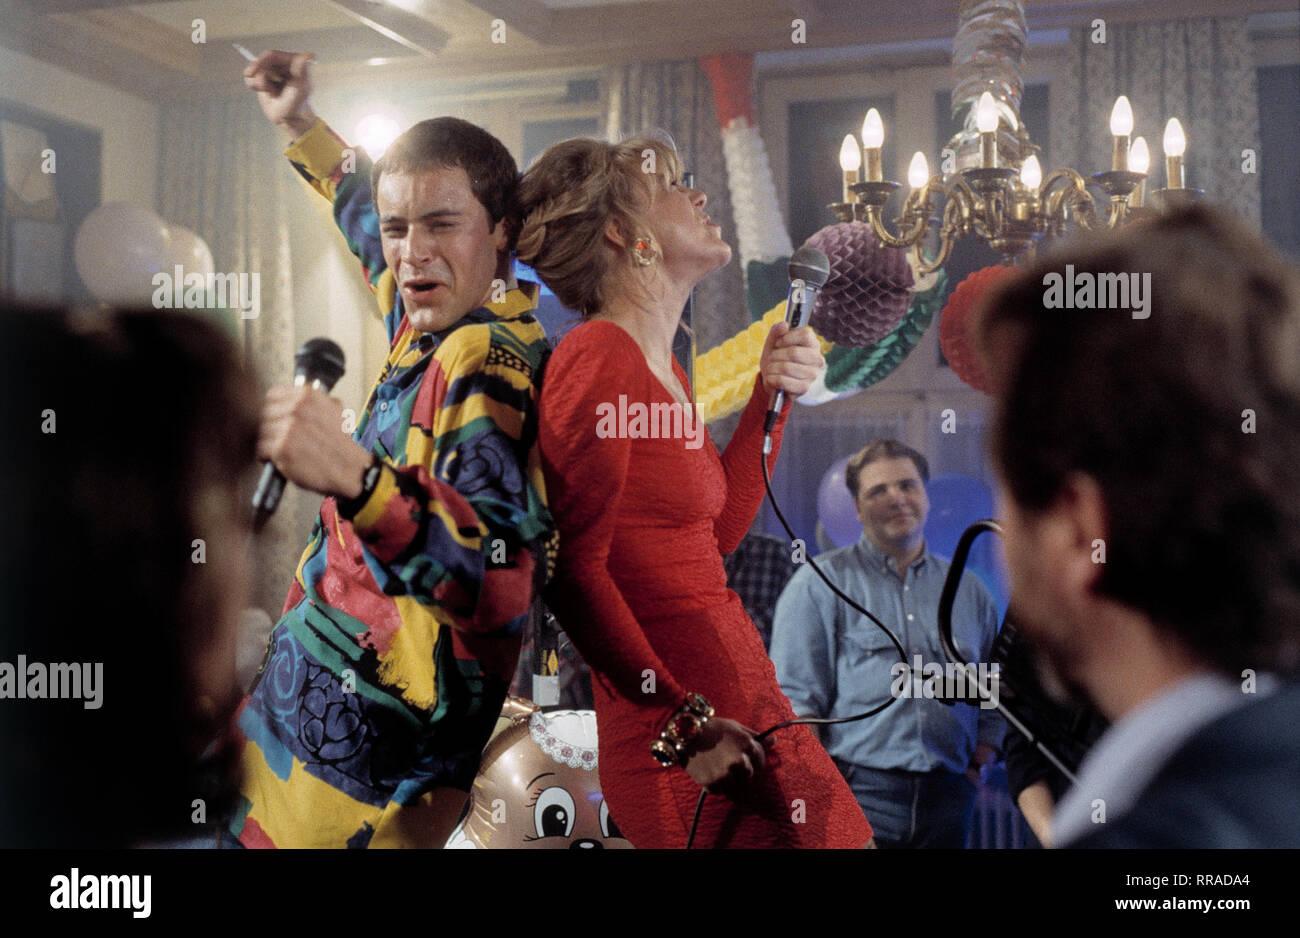 GEDEON BURKHARDT (Philip Steger), HEIKE GOOSMANN (Sandra Roller) EM / Film, Fernsehen, Kriminalfilm, Serie, 90er / Überschrift: SOKO 5113 / Deutschland 1996 Stock Photo